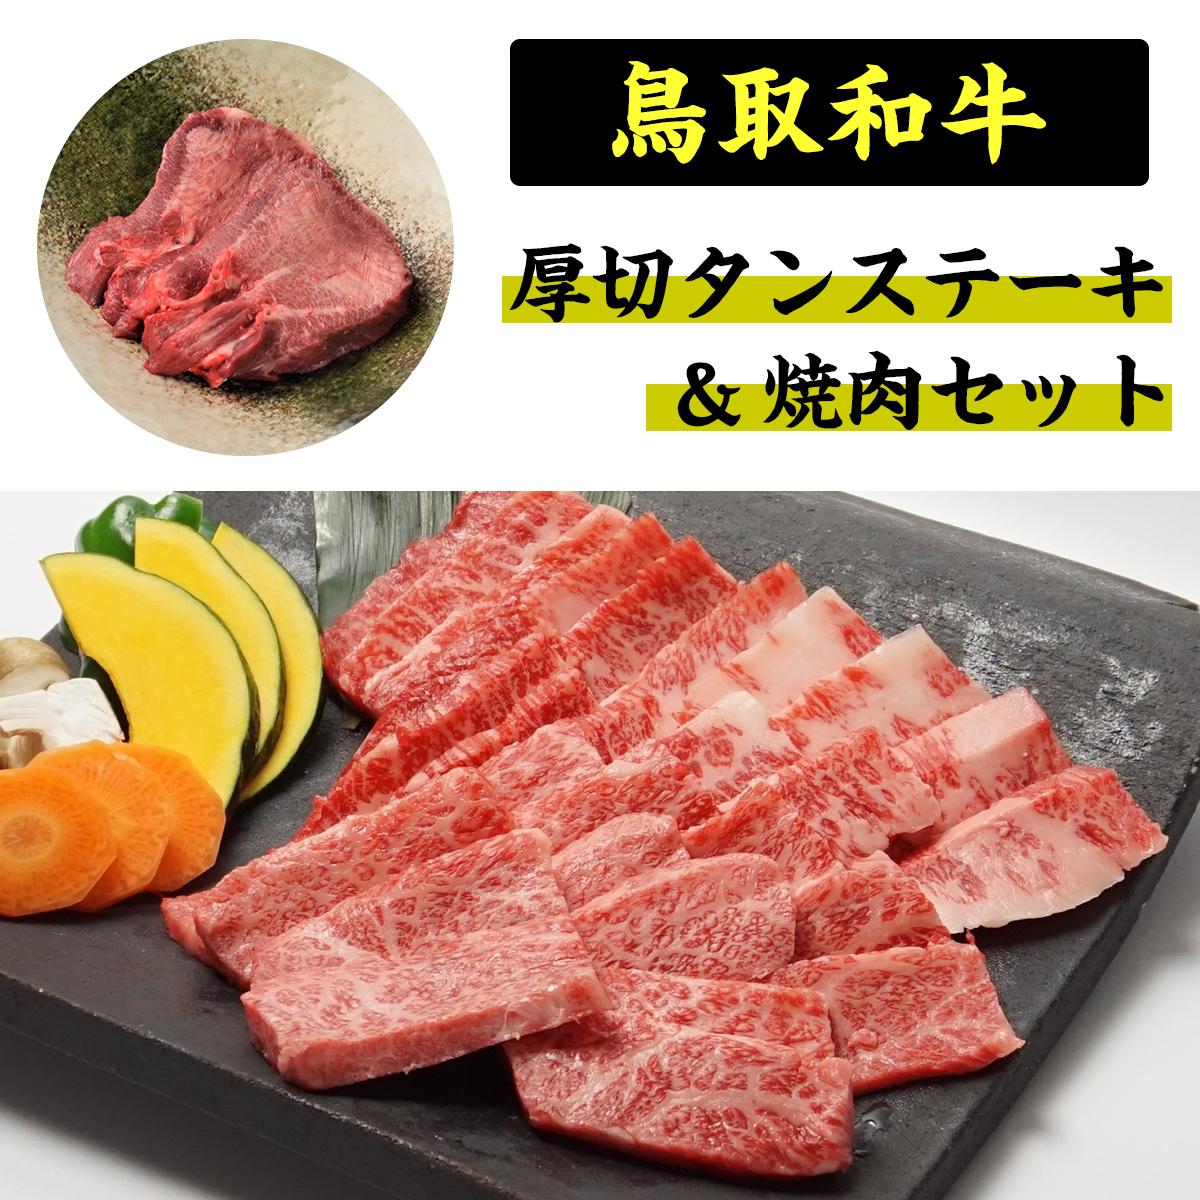 ふるさと納税 お気に入り 鳥取和牛 激安通販販売 焼肉セット 厚切りタンステーキ